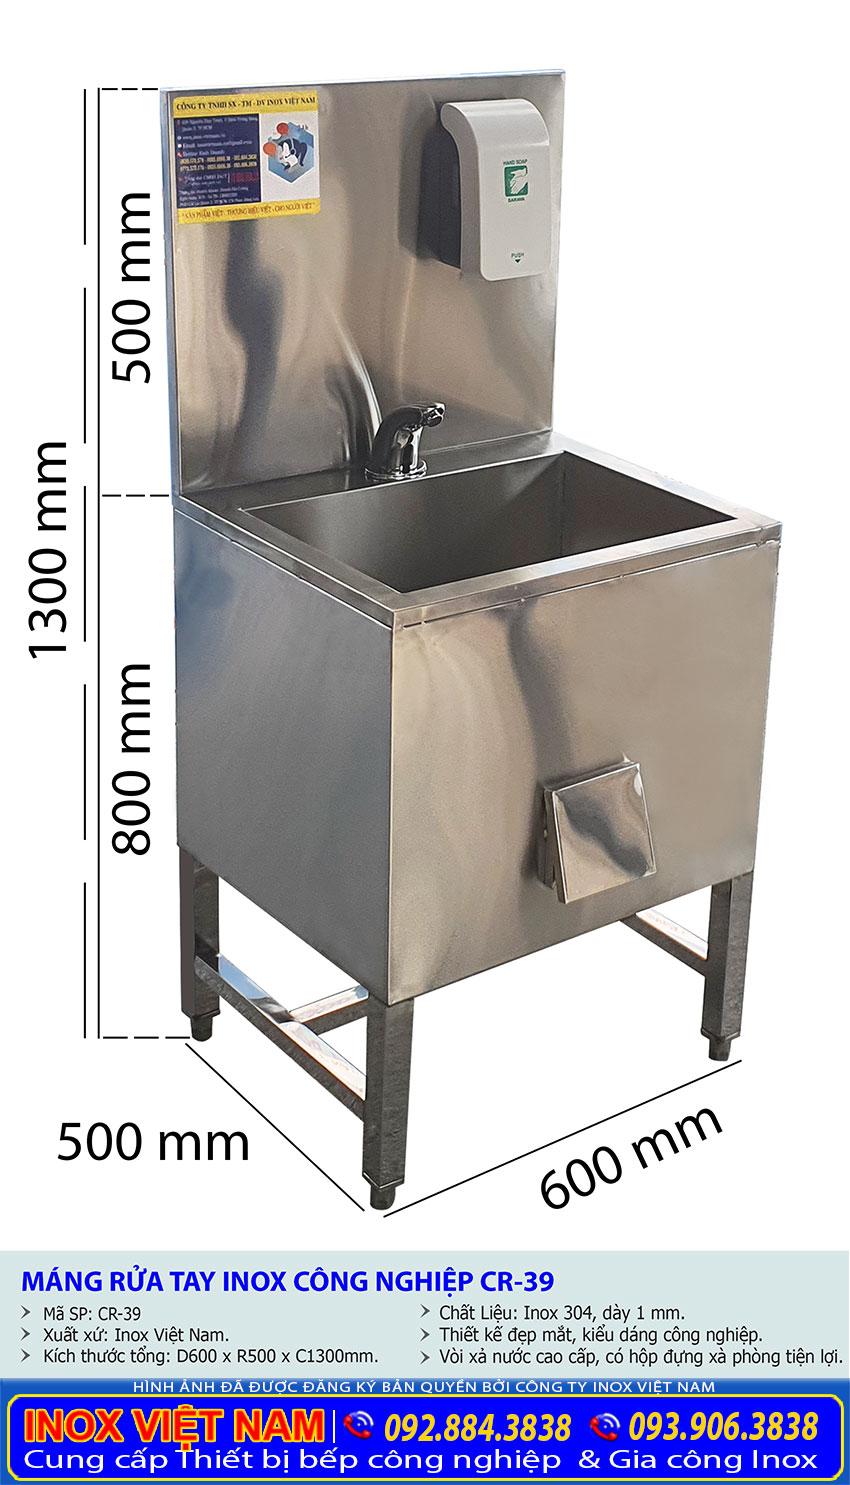 Tỷ lệ kích thước máng rửa tay inox công nghiệp CR-39